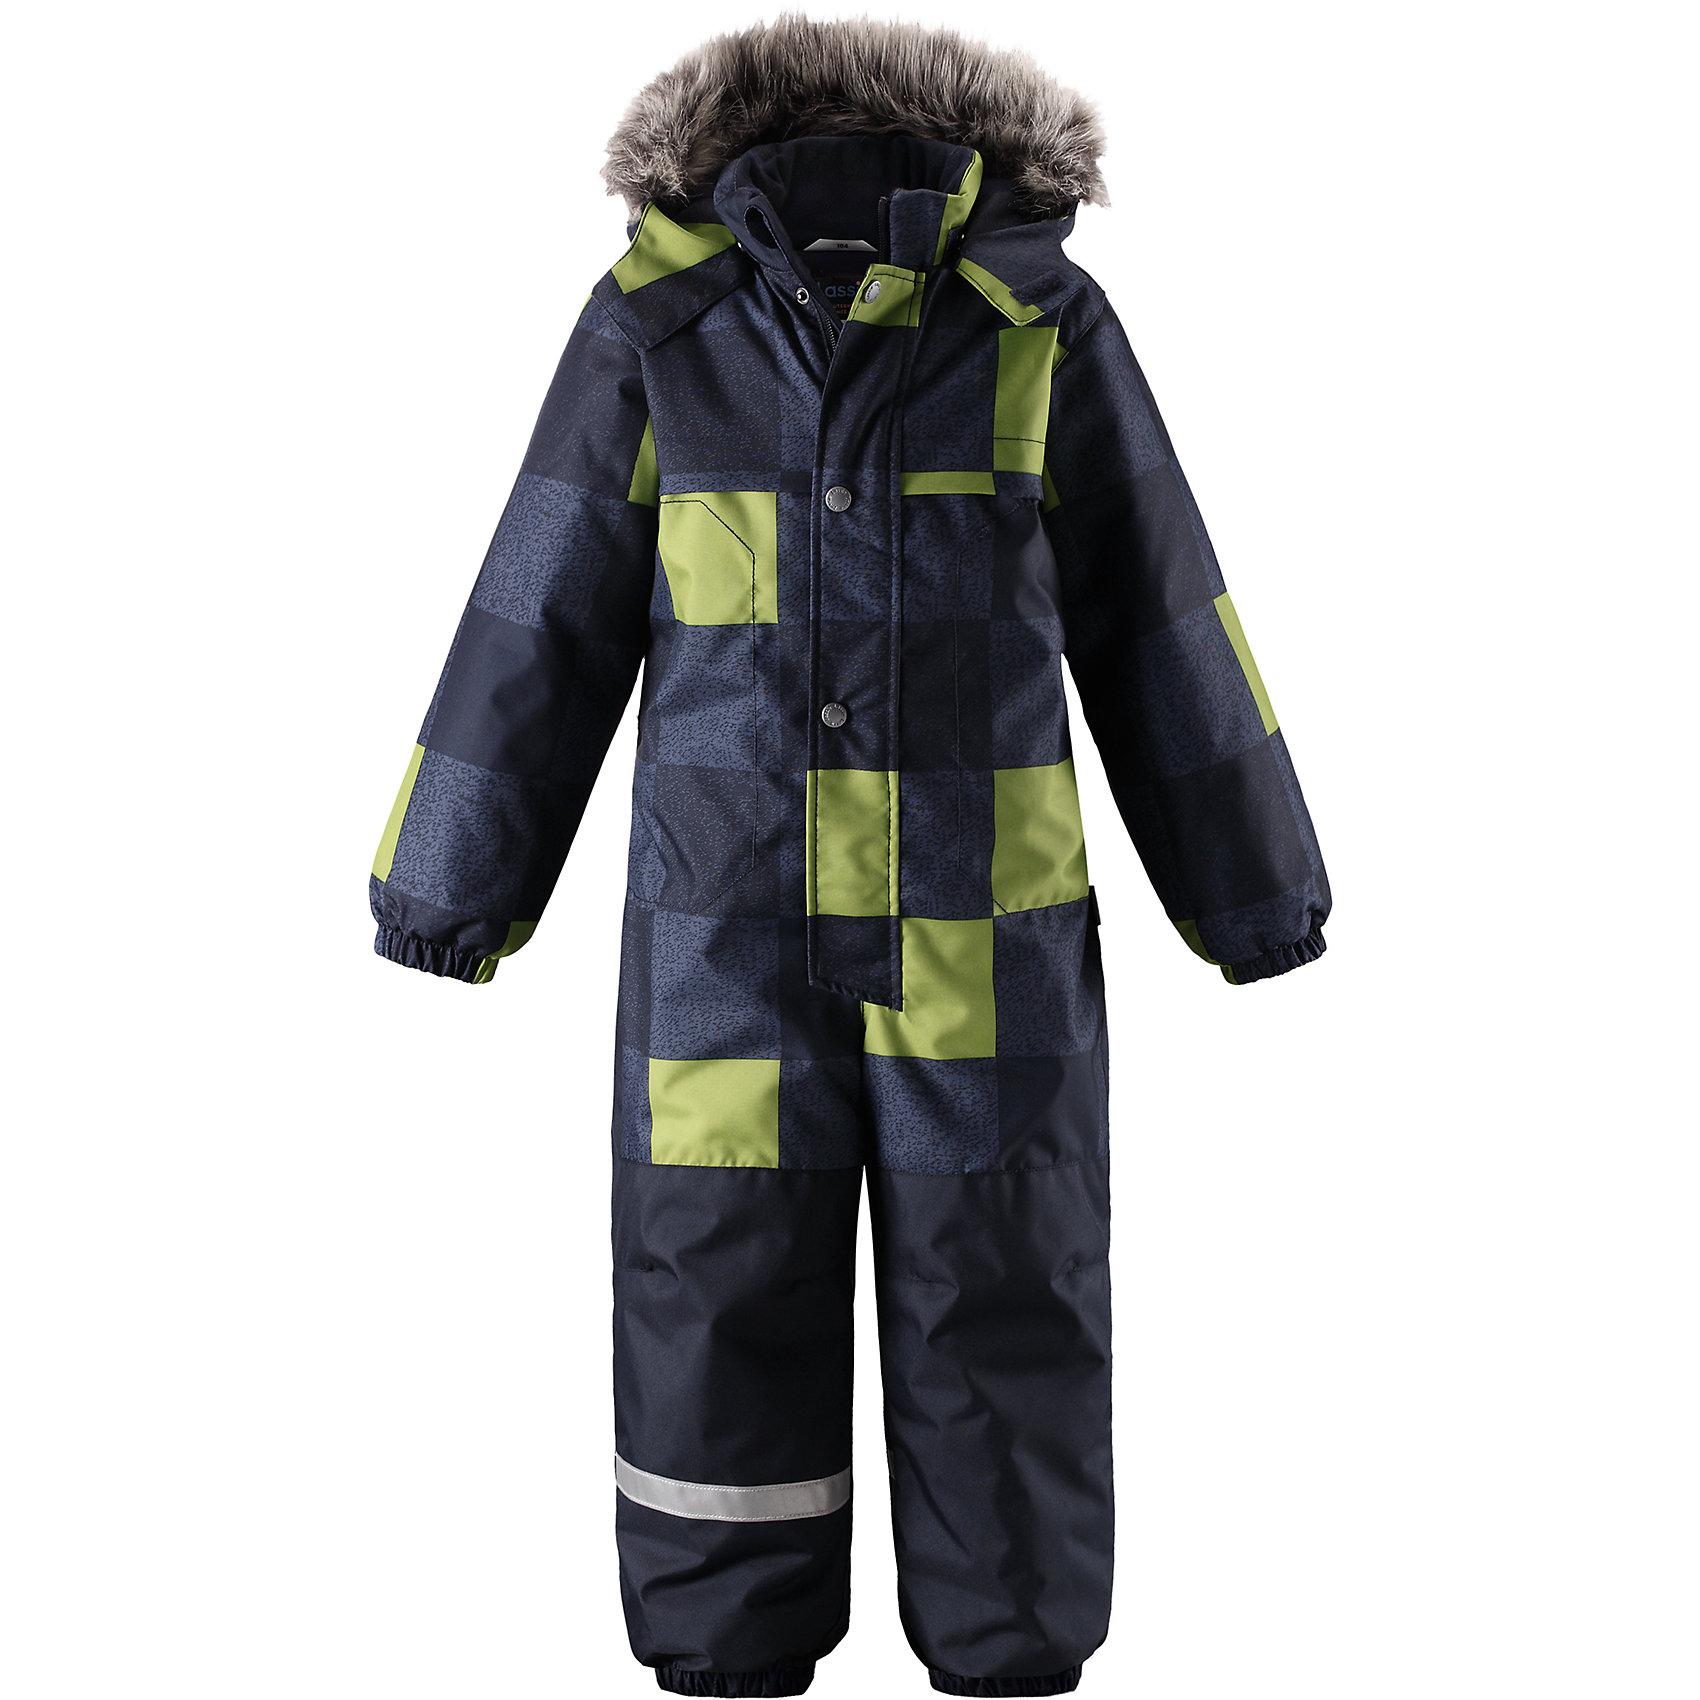 Комбинезон Lassie для мальчикаОдежда<br>Характеристики товара:<br><br>• цвет: серый/зеленый;<br>• состав: 100% полиэстер, полиуретановое покрытие;<br>• подкладка: 100% полиэстер;<br>• утеплитель: 180 г/м2;<br>• сезон: зима;<br>• температурный режим: от 0 до -20С;<br>• водонепроницаемость: 1000 мм;<br>• воздухопроницаемость: 1000мм;<br>• износостойкость: 50000 циклов (тест Мартиндейла)<br>• застежка: молния с дополнительной защитной планкой на кнопках;<br>• водоотталкивающий, ветронепроницаемый и дышащий материал;<br>• задний серединный шов проклеен;<br>• гладкая подкладка из полиэстера;<br>• безопасный съемный капюшон; <br>• съемный искусственный мех на капюшоне;<br>• эластичная талия, манжеты рукавов и низ штанин;<br>• съемные эластичные штрипки;<br>• боковые карманы на липучках;<br>• светоотражающие детали;<br>• страна бренда: Финляндия;<br>• страна изготовитель: Китай;<br><br>Зимний комбинезон на молнии изготовлен из сверхпрочного материала, поэтому совершенно незаменим для всех активных и отважных зимних героев! Съемный капюшон безопасен и практичен, а карманы на липучках сохранят ключи от дома в целости и сохранности! Светоотражающие элементы на рукавах и брючинах позволяют лучше разглядеть ребенка в темноте, а благодаря удобным штрипкам концы брючин не будут задираться, сколько бы ребенок ни бегал!<br><br>Комбинезон Lassie (Ласси) для мальчика можно купить в нашем интернет-магазине.<br><br>Ширина мм: 356<br>Глубина мм: 10<br>Высота мм: 245<br>Вес г: 519<br>Цвет: синий<br>Возраст от месяцев: 84<br>Возраст до месяцев: 96<br>Пол: Мужской<br>Возраст: Детский<br>Размер: 128,92,98,104,110,116,122<br>SKU: 6927407